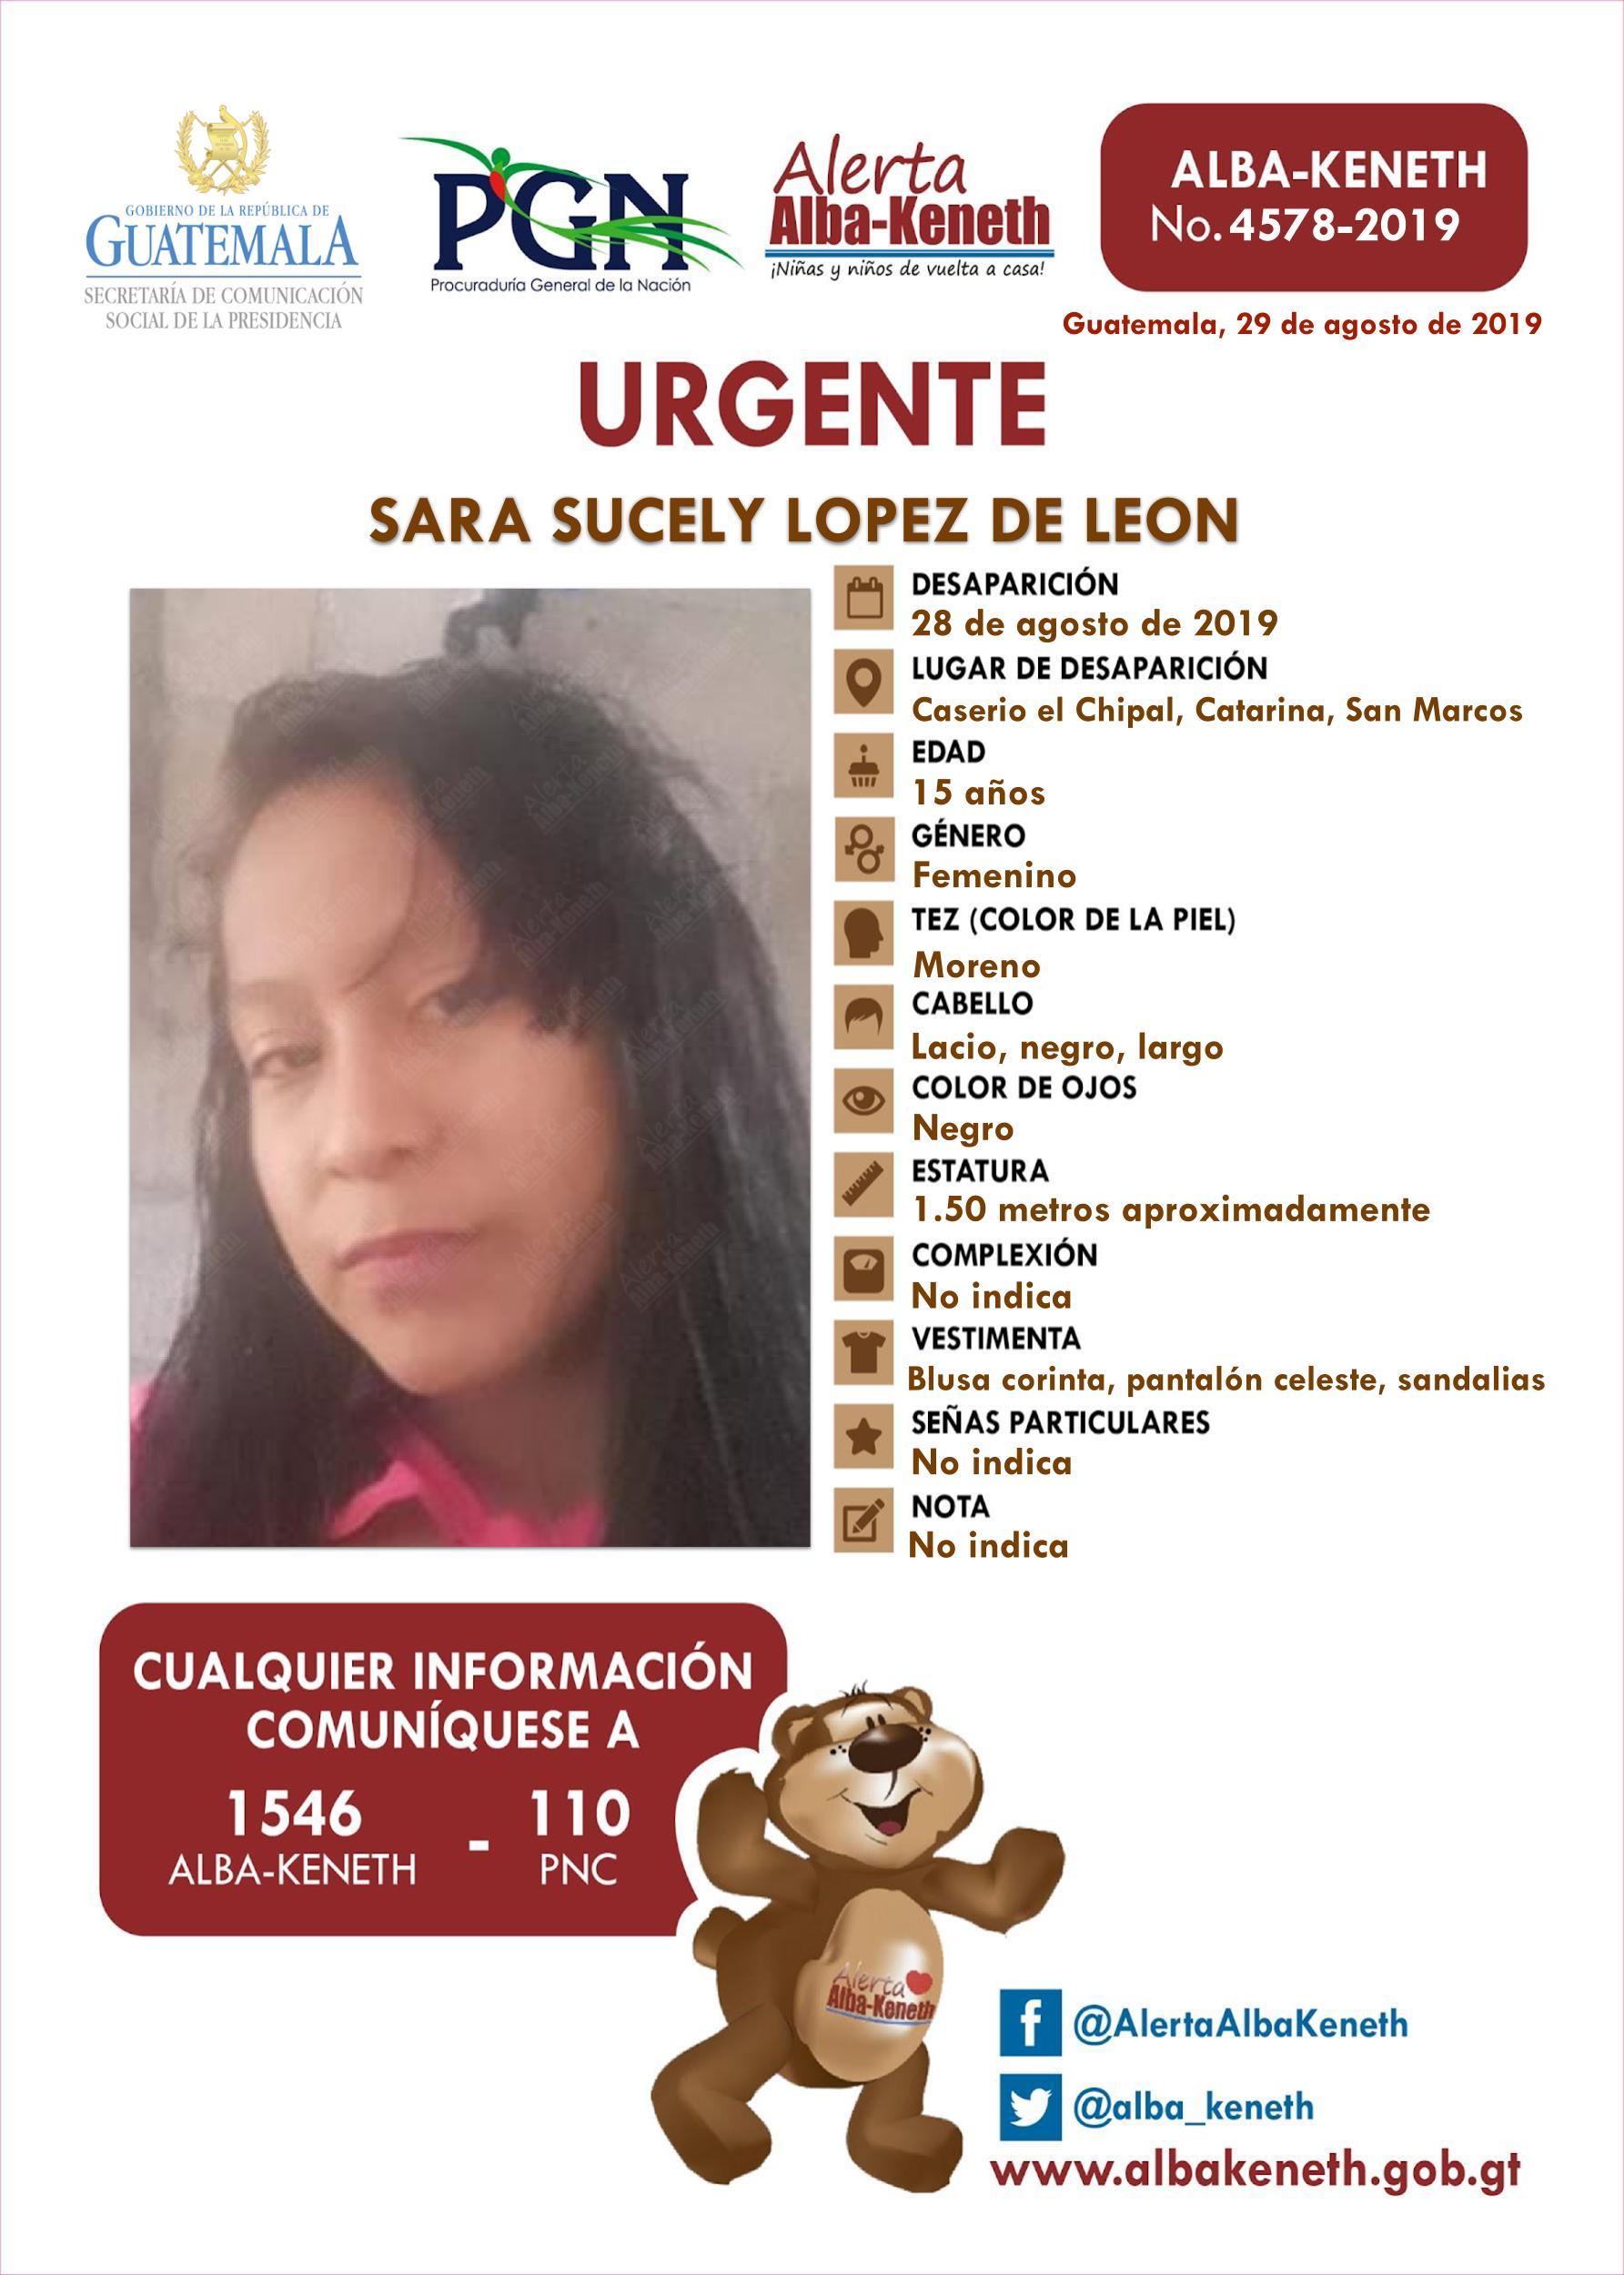 Sara Sucely Lopez de Leon